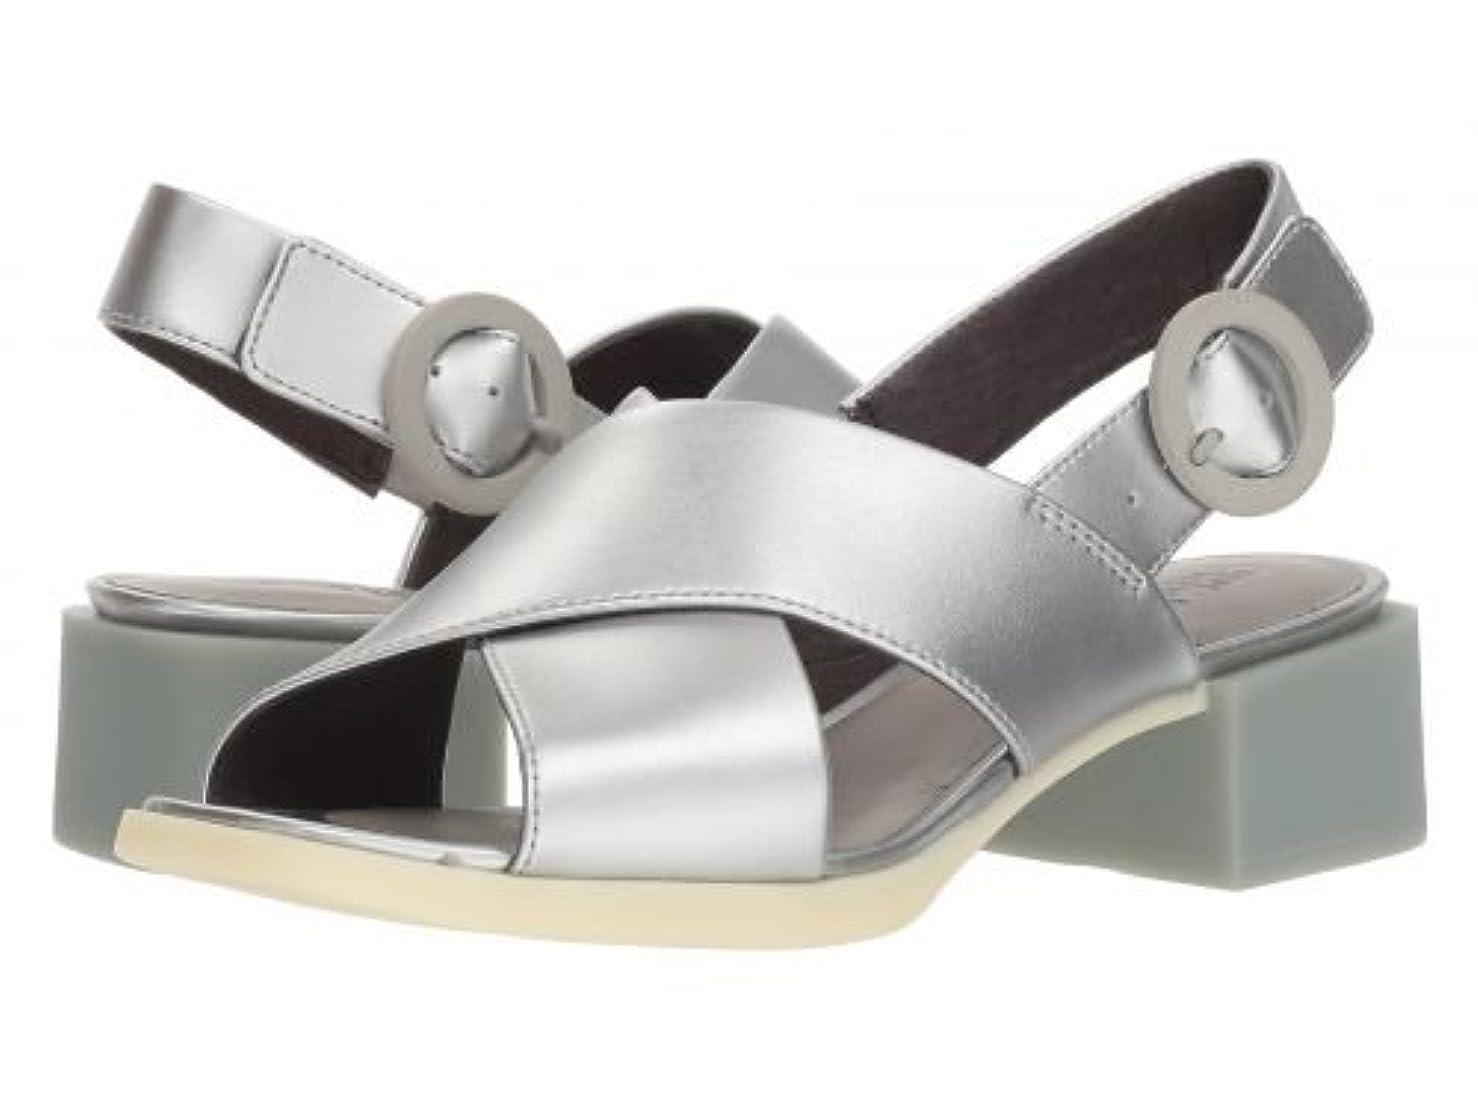 儀式あいまい執着Camper(カンペール) レディース 女性用 シューズ 靴 ヒール Kobo - K200327 - Medium Gray [並行輸入品]